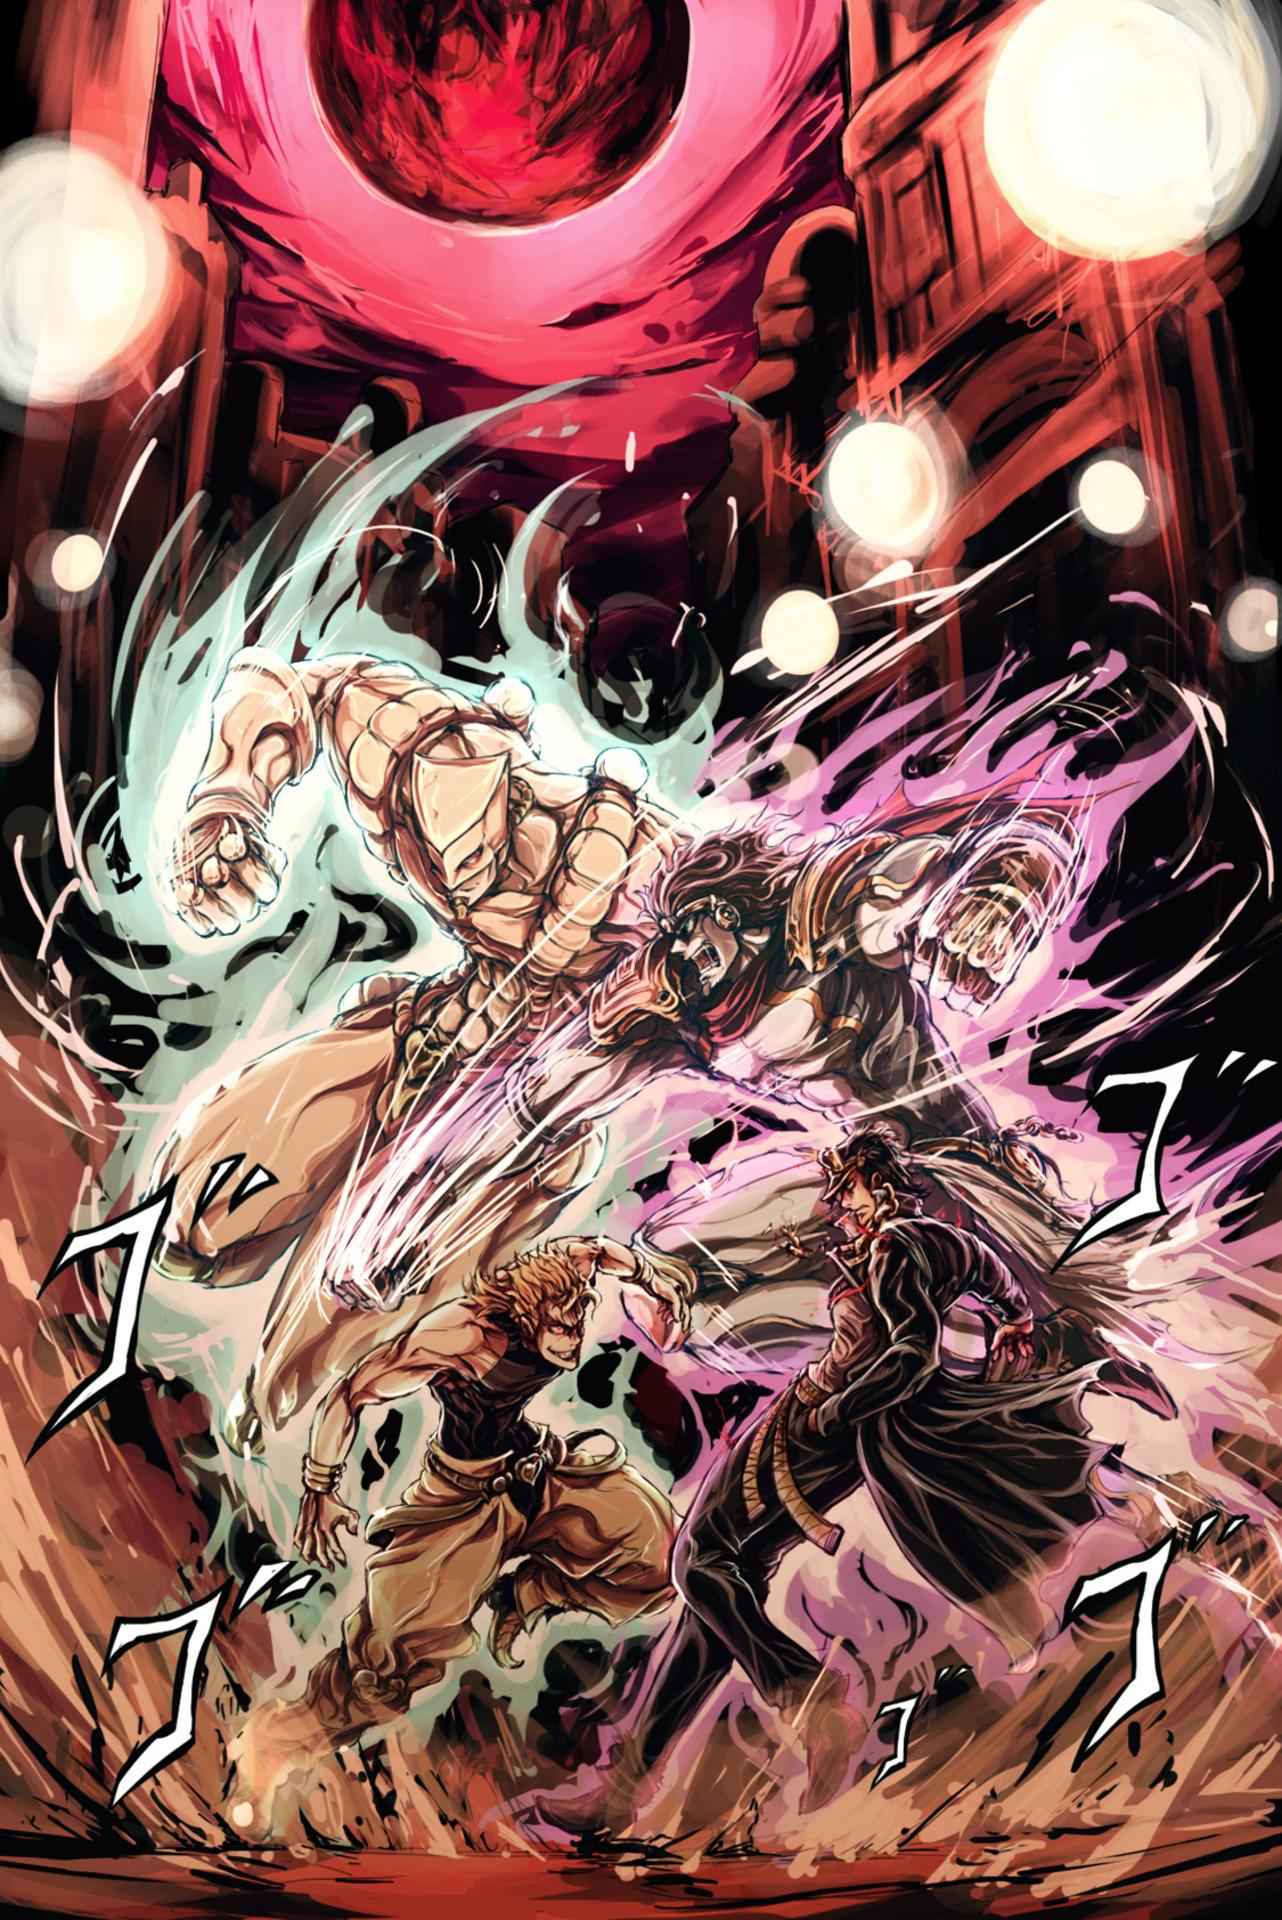 Pin By Silver Chicmanatee On Jjba Jojos Bizarre Adventure Jotaro Jojo S Bizarre Adventure Anime Jojo Bizarre